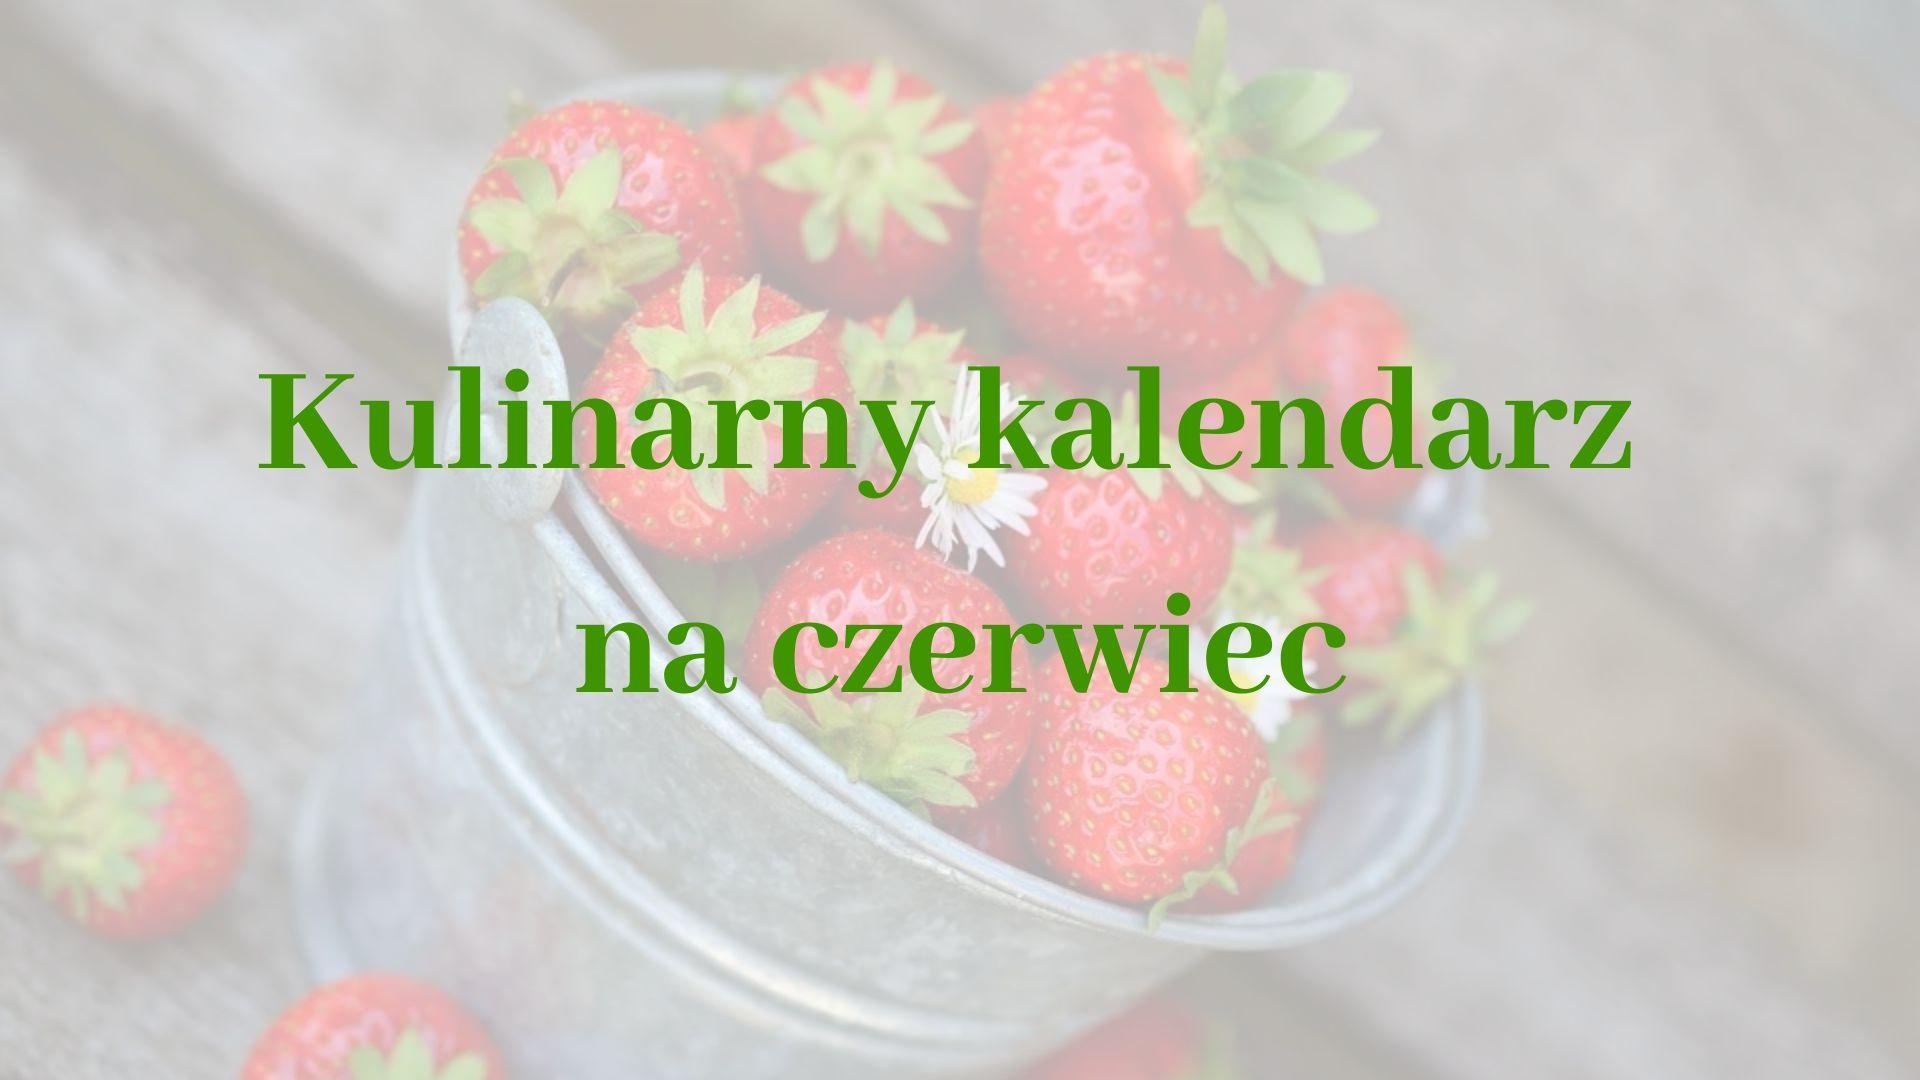 Kulinarny kalendarz na czerwiec